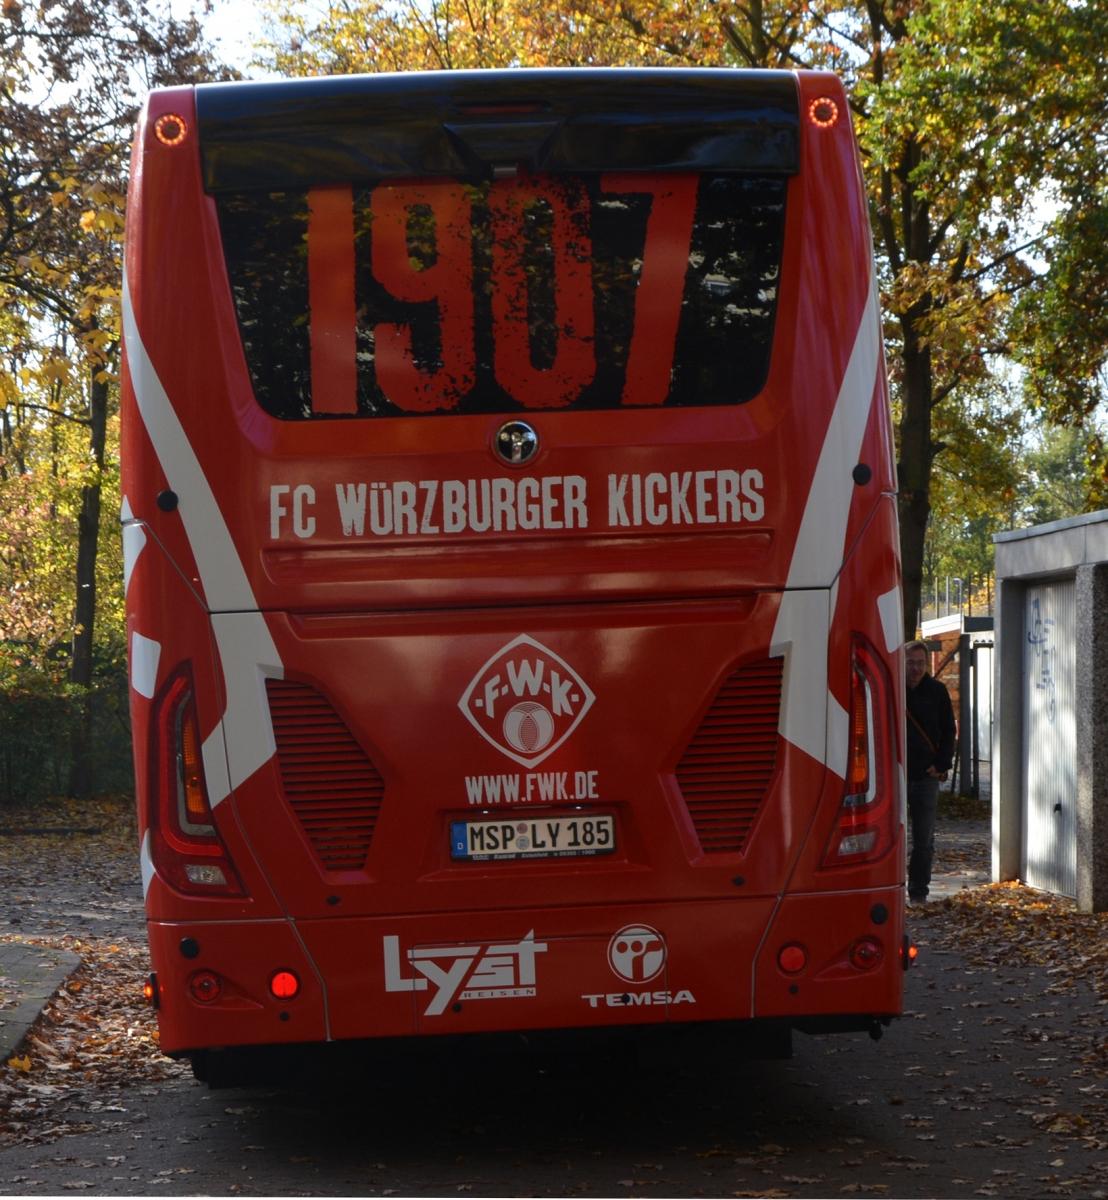 Willkommen! Die Würzburger Kickers zu Gast auf der Sportanlage Hannover-Döhren ...